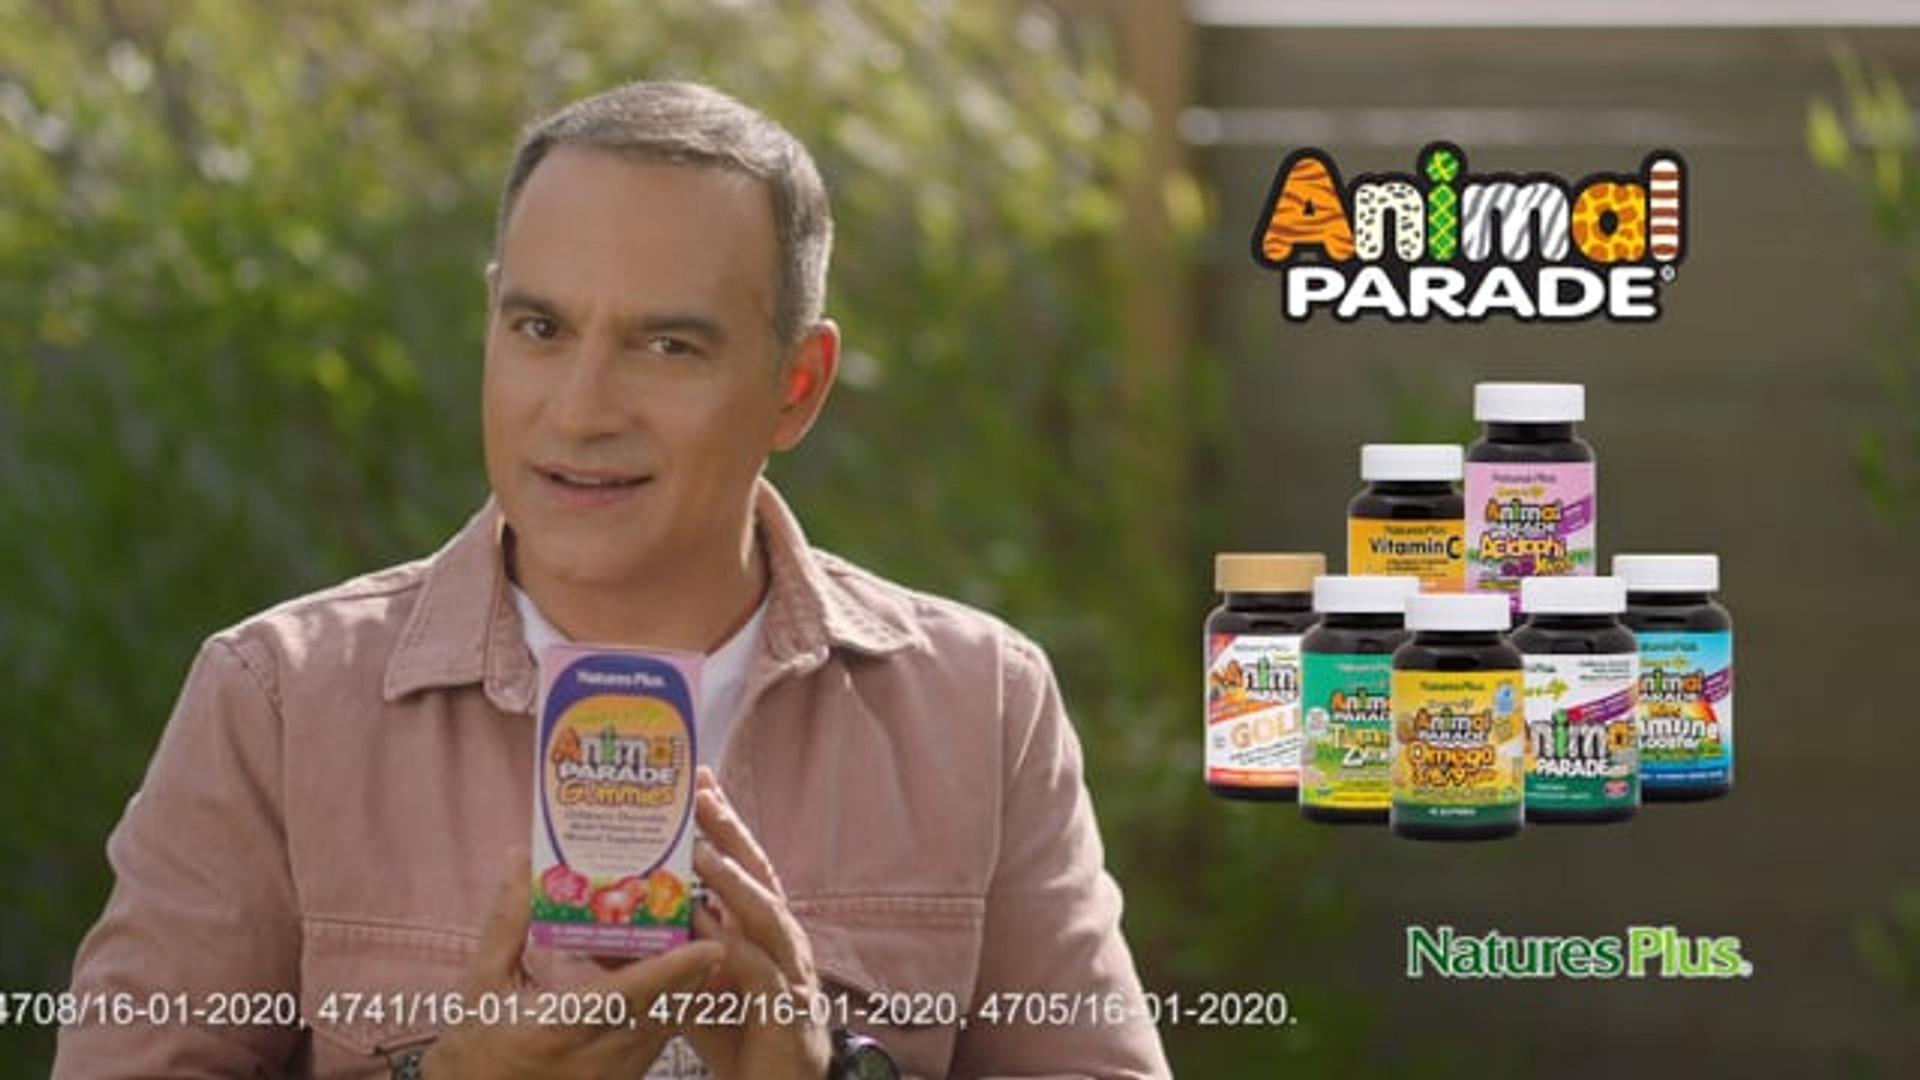 ANIMAL PARADE TVC with Krateros Katsoulis